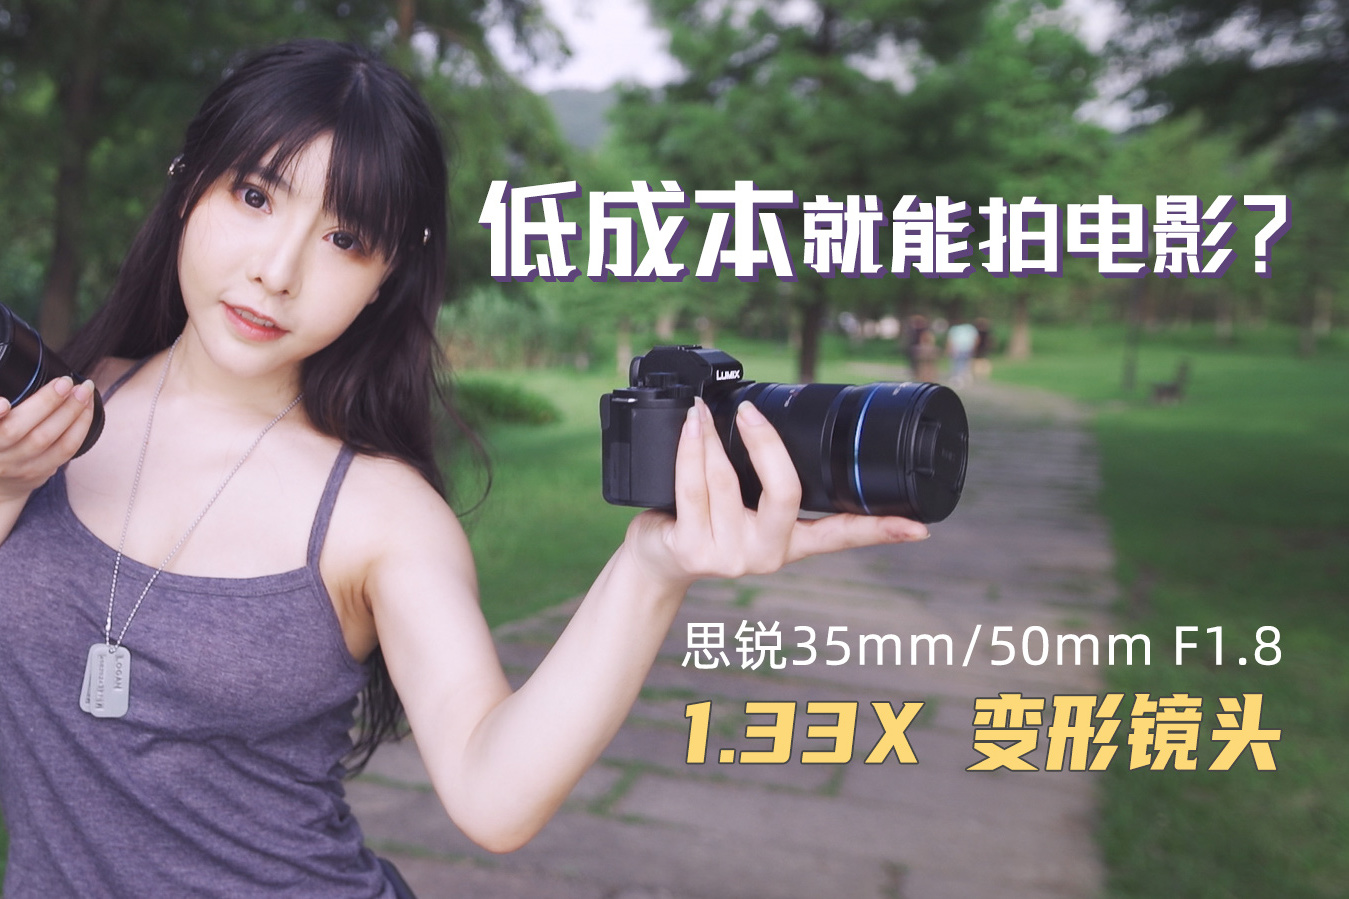 低成本拍出电影感?闪闪体验思锐35mm变形镜头